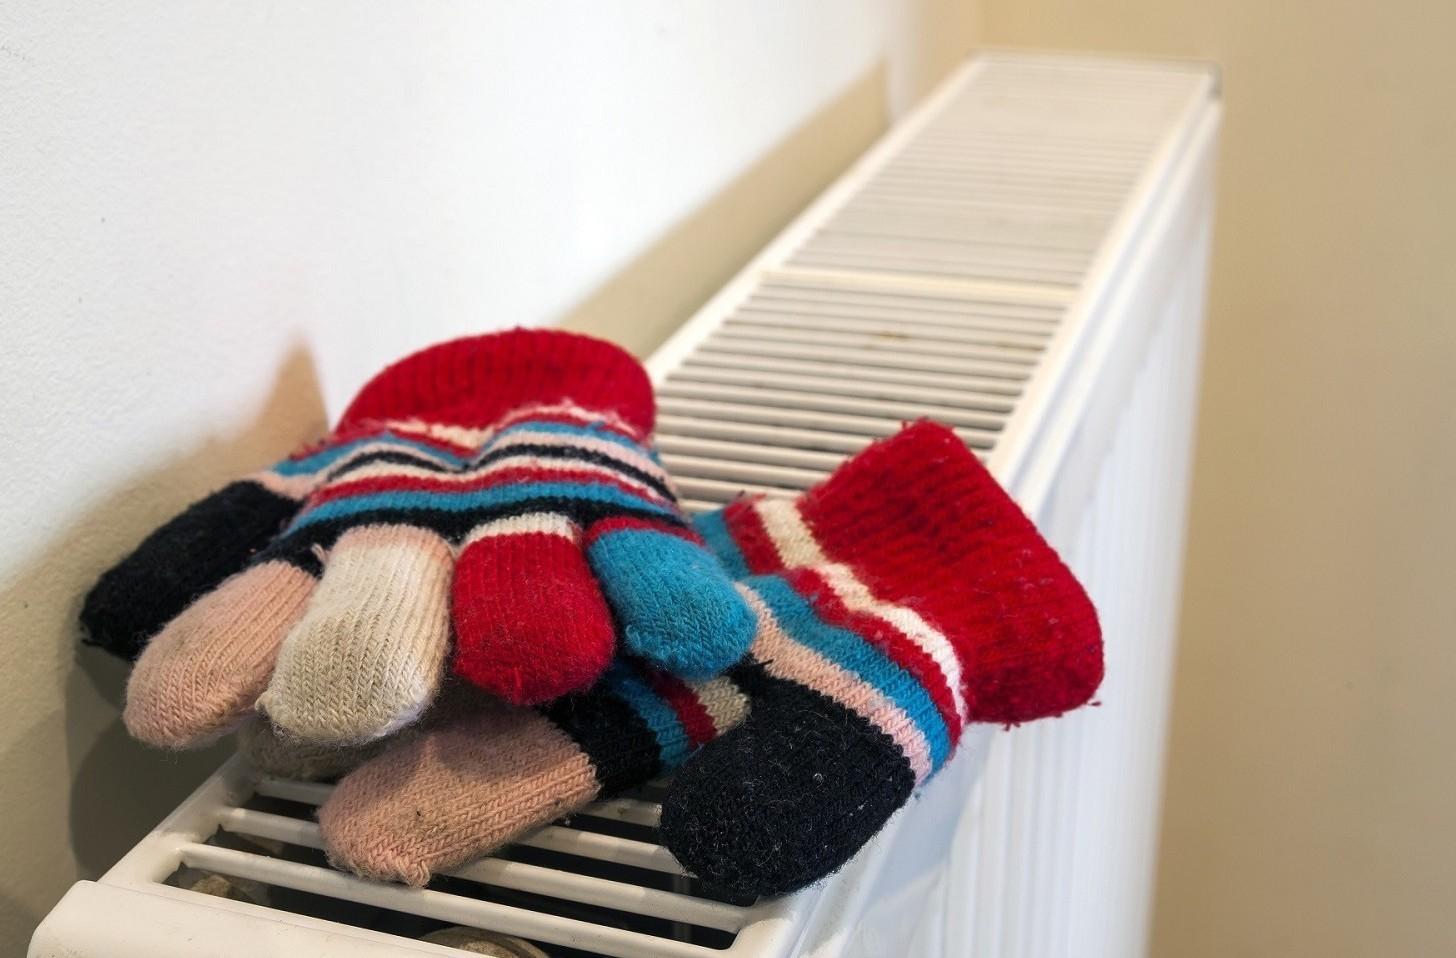 Distacco riscaldamento centralizzato condominio 2019-2020 si può fare o no